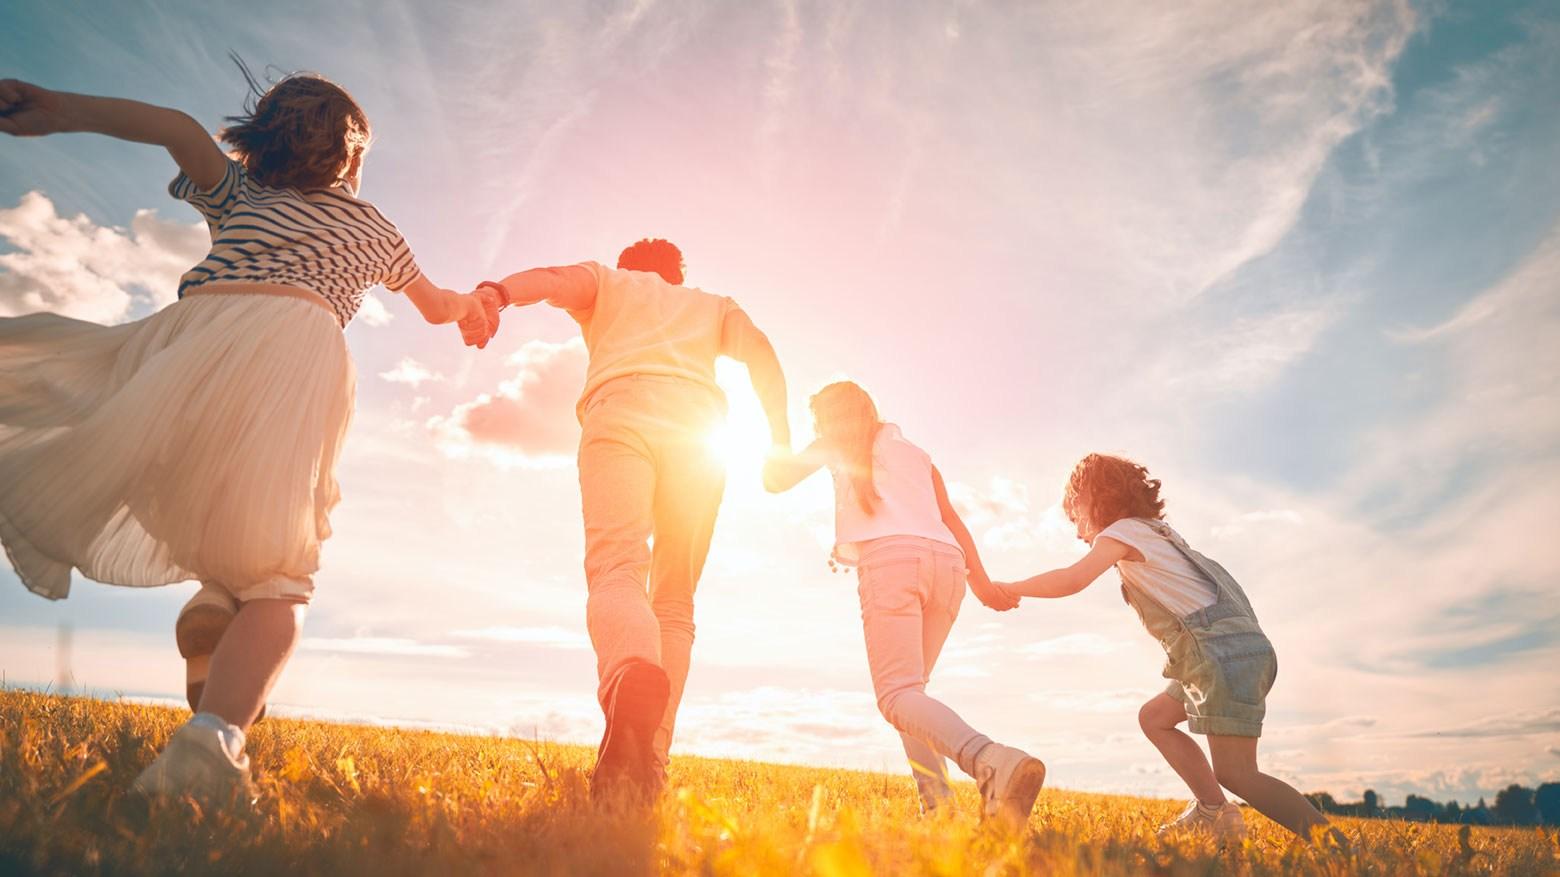 AltText: Adoption innerhalb der Familie: Adoptiv-Vater und Kinder spielen auf einer Wiese